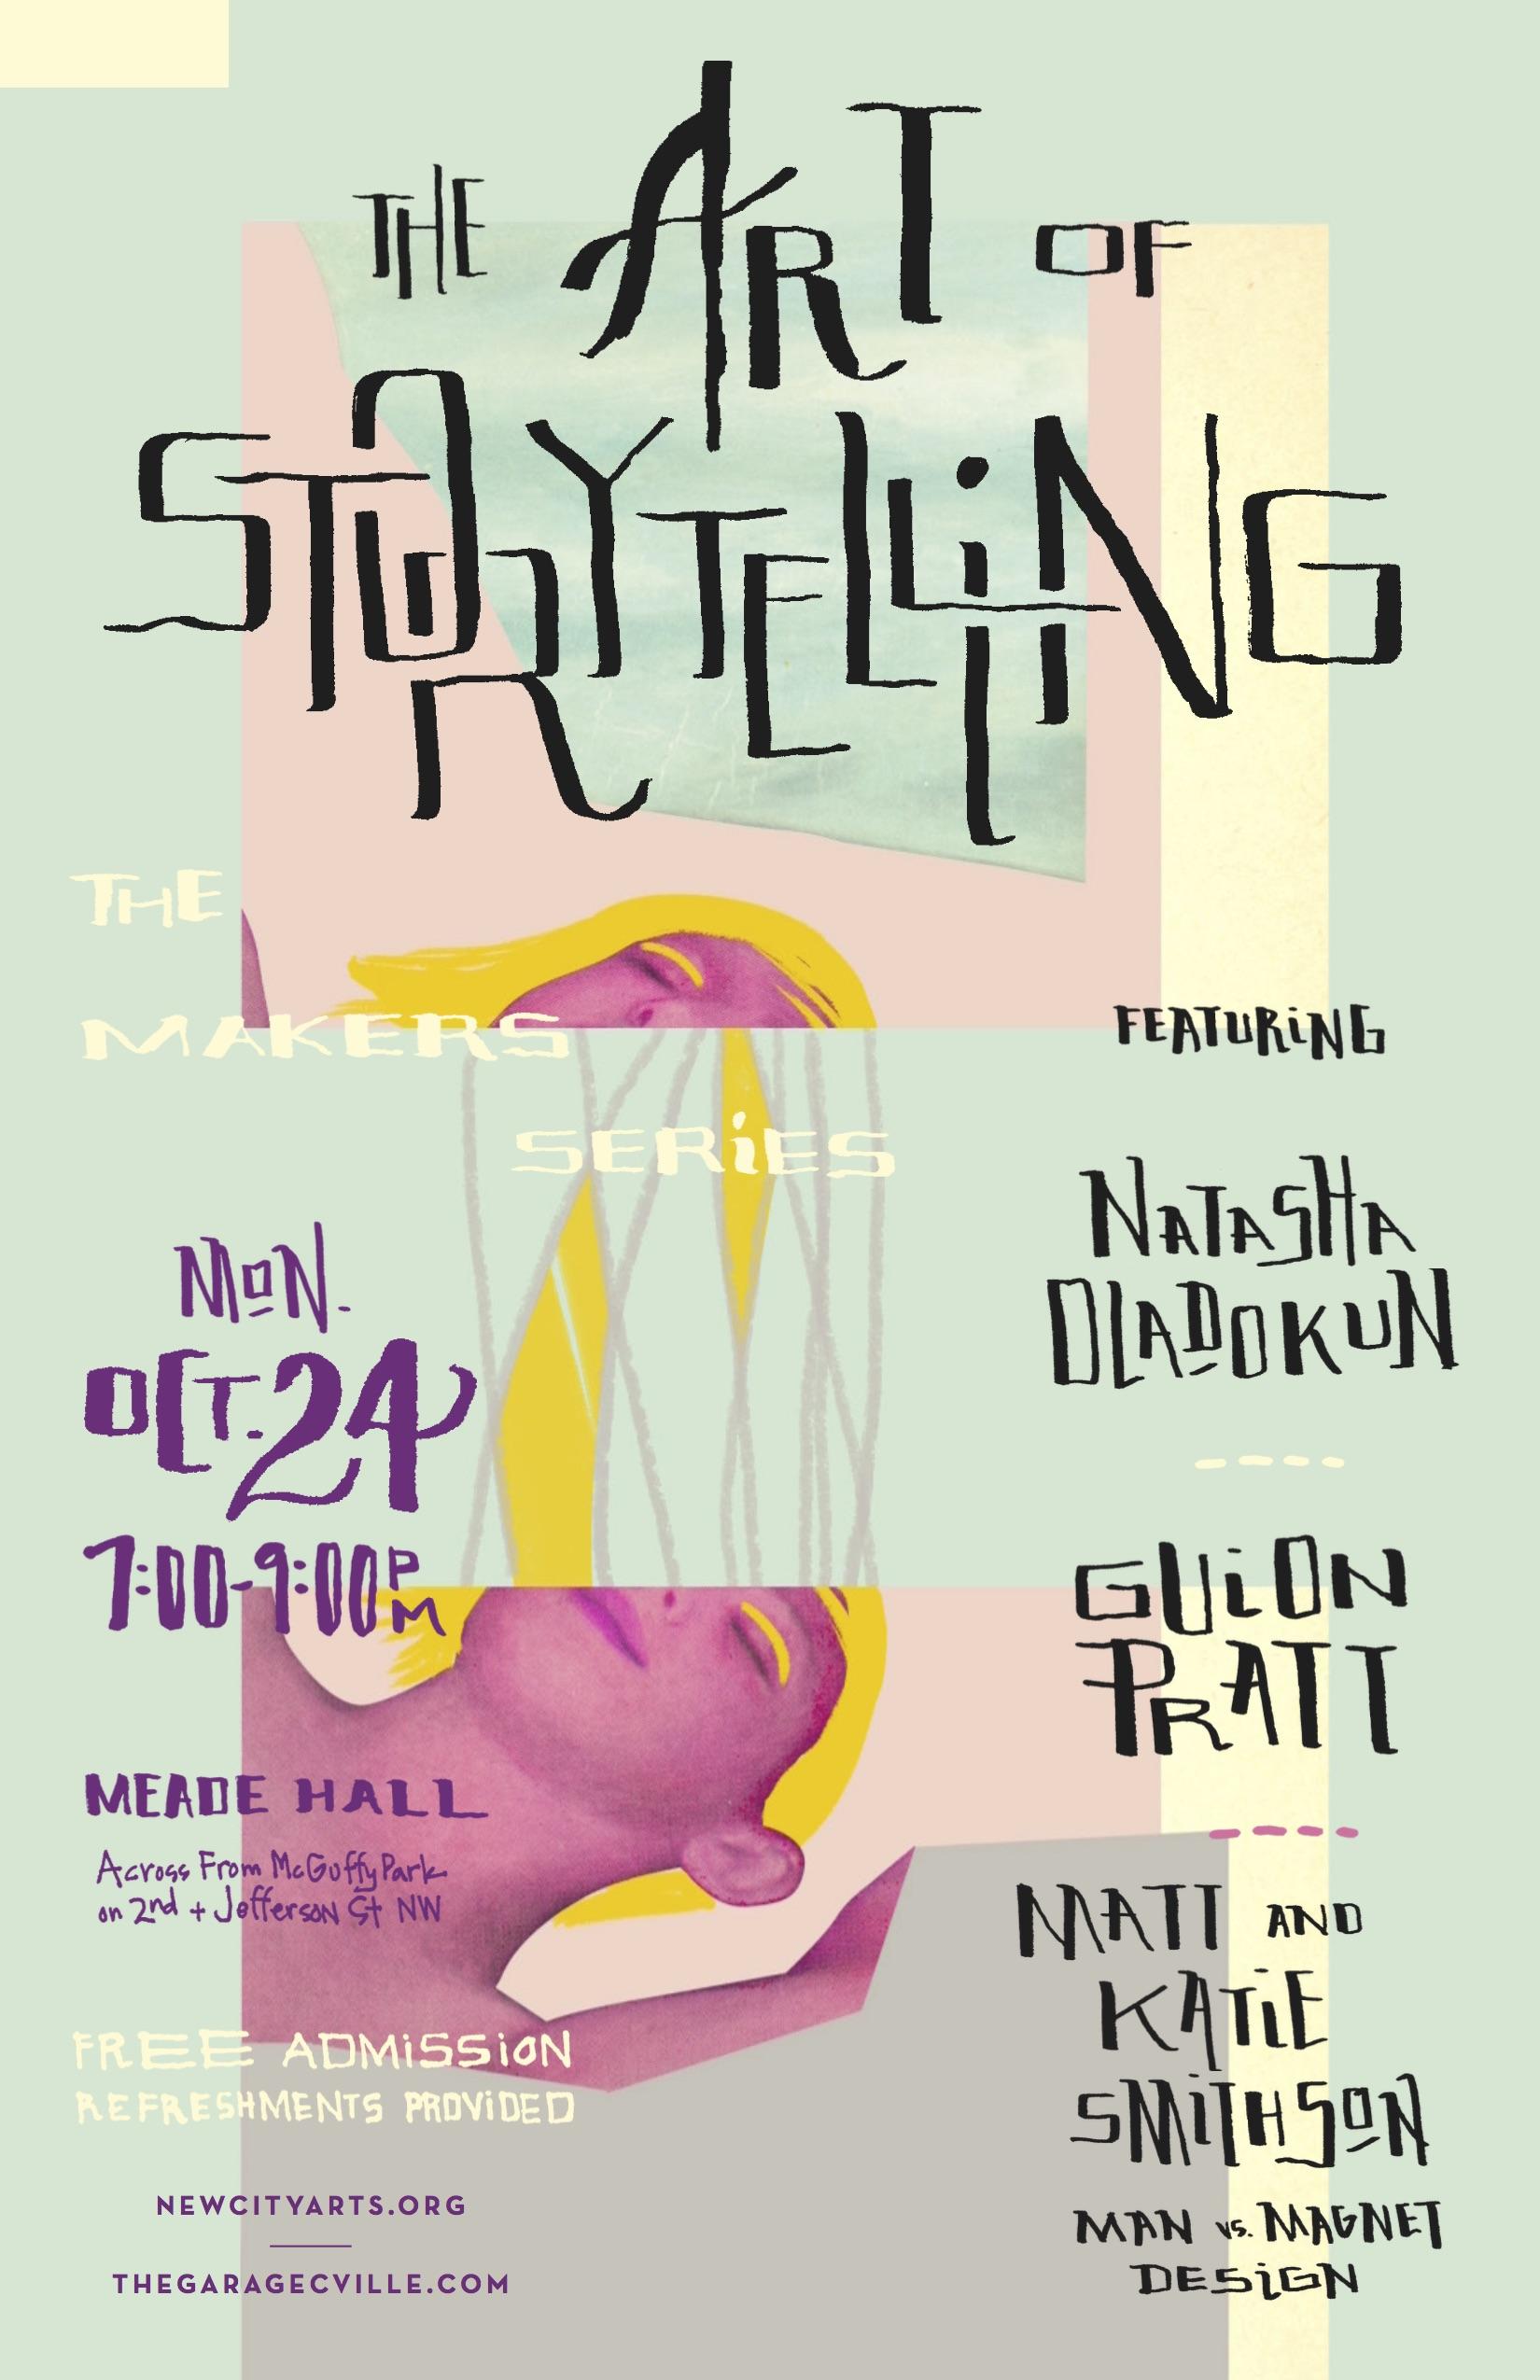 Makers-Storytelling-Poster-2.jpg